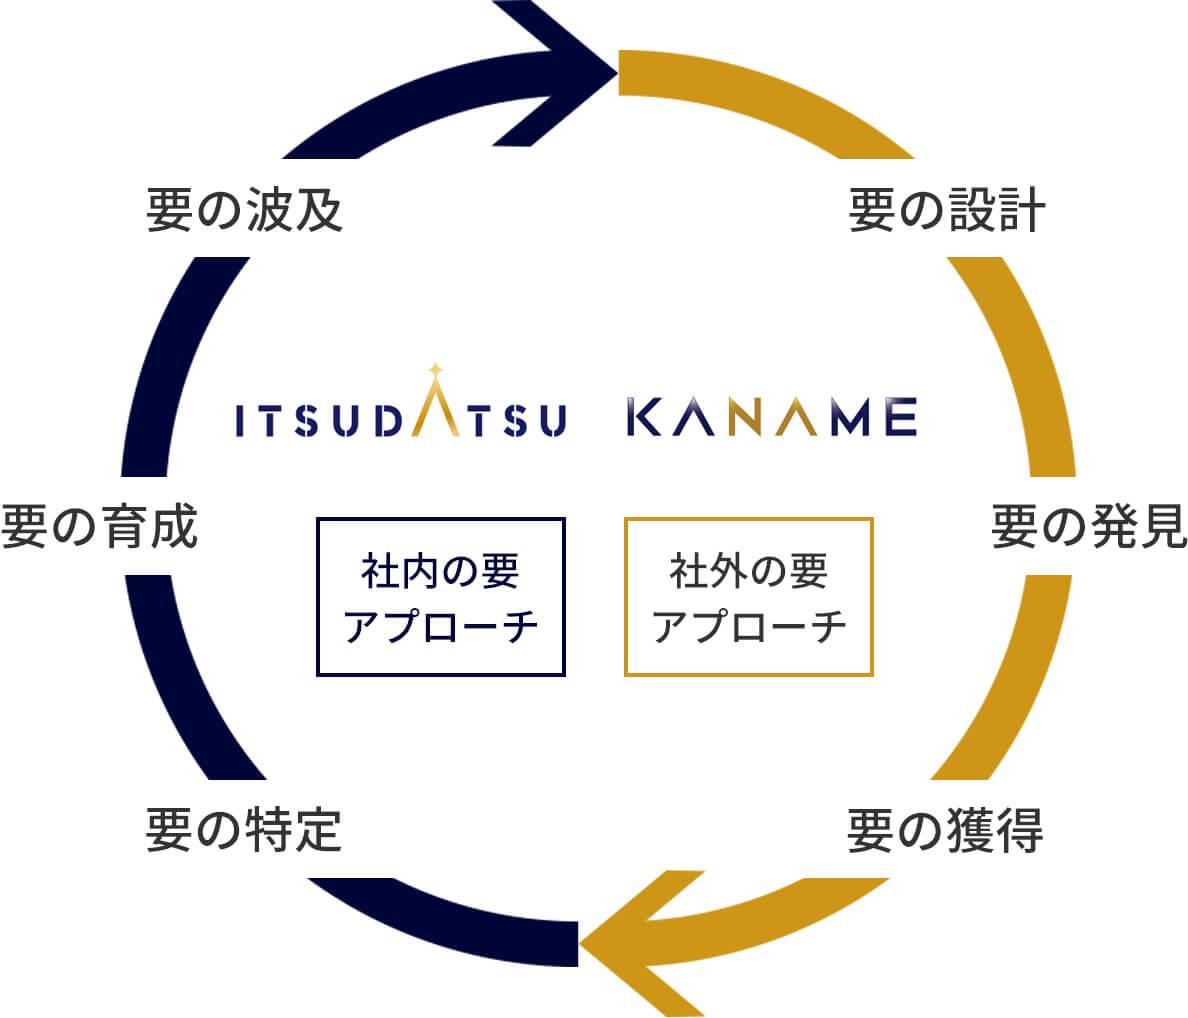 最も自然な循環にて【採用変革KANAME】要の設計→要の発見→要の獲得→【組織変革ITSUDATSU】要の特定→要の育成→要の波及